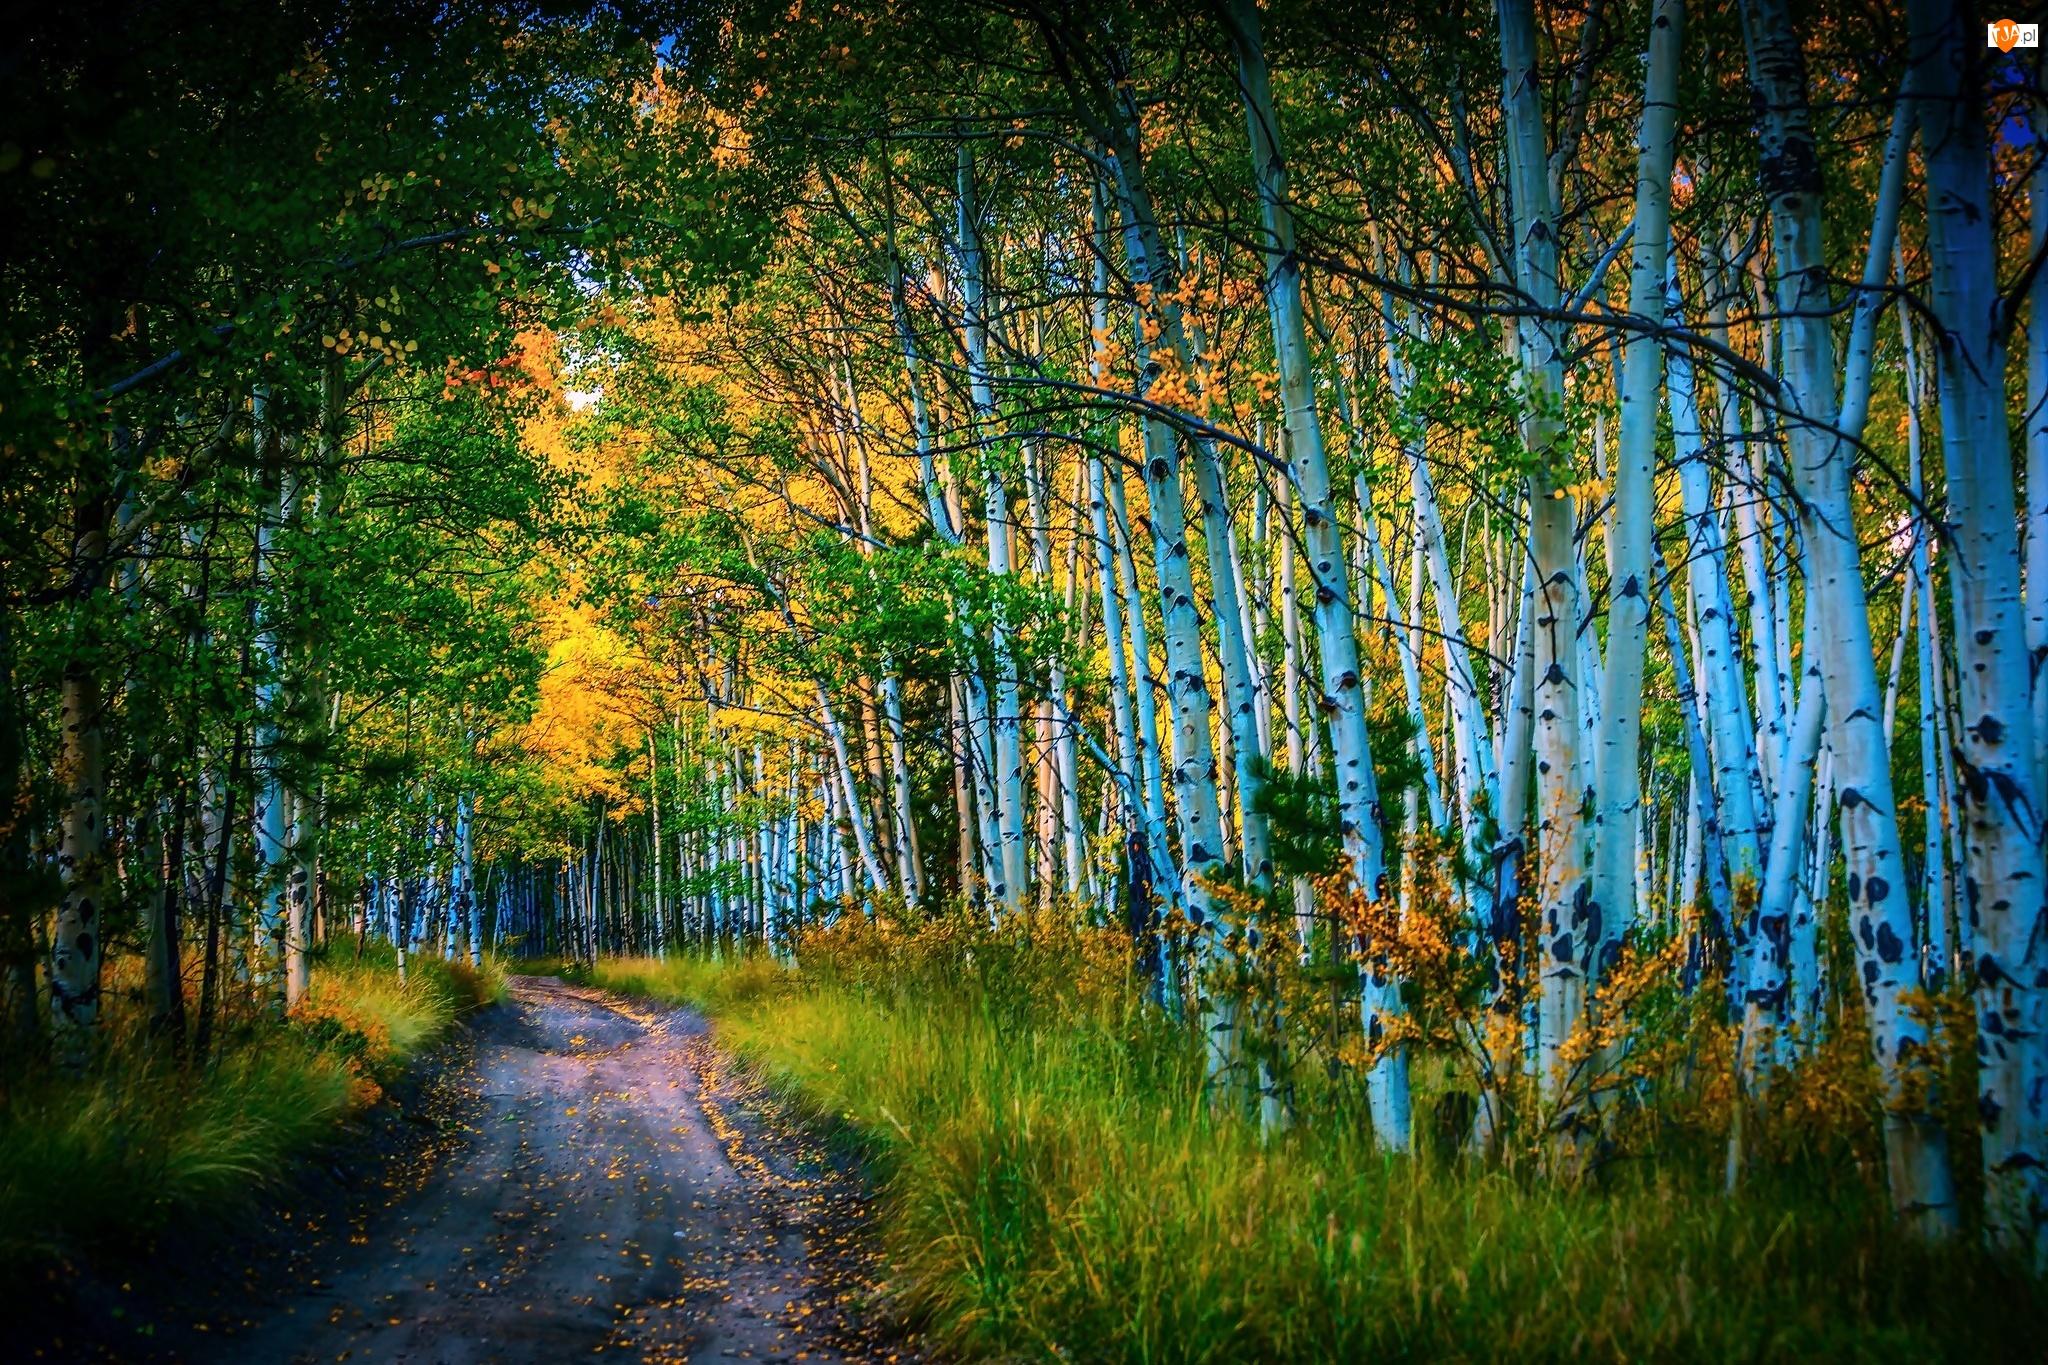 Brzozowy, Jesień, Las, Droga